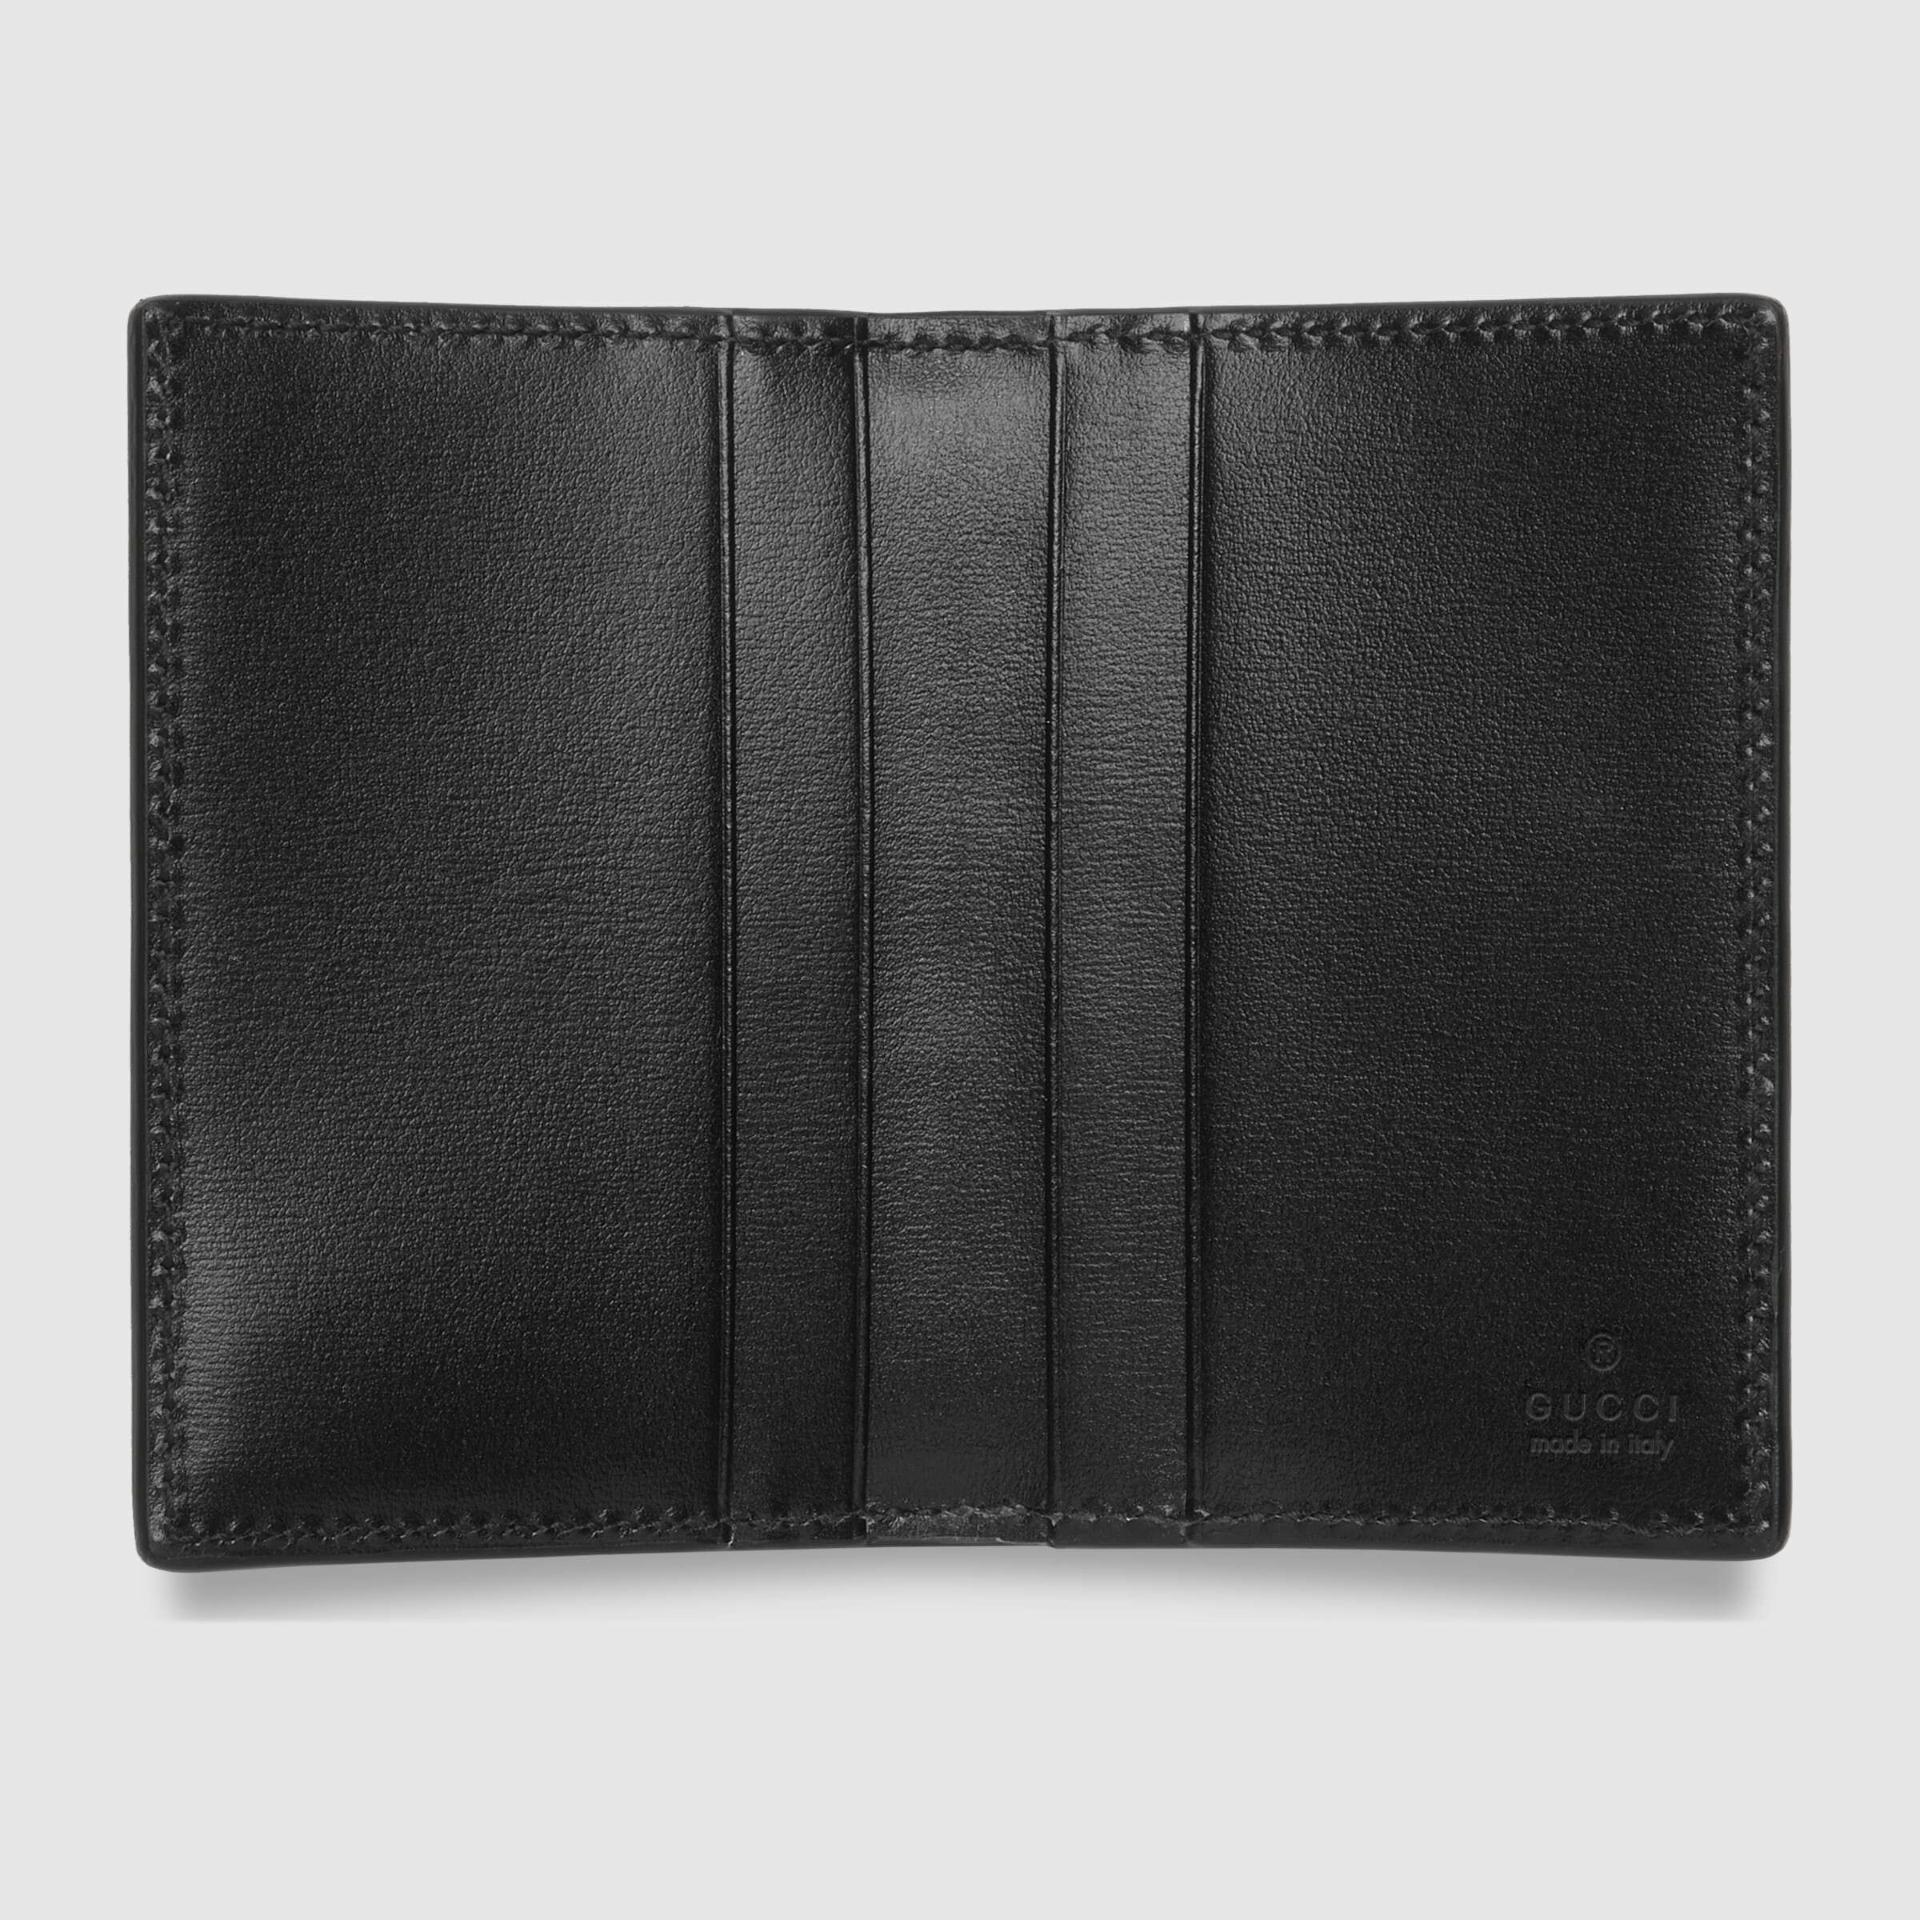 유럽직배송 구찌 GUCCI Gucci GG Marmont card case 5470750YK0N1000